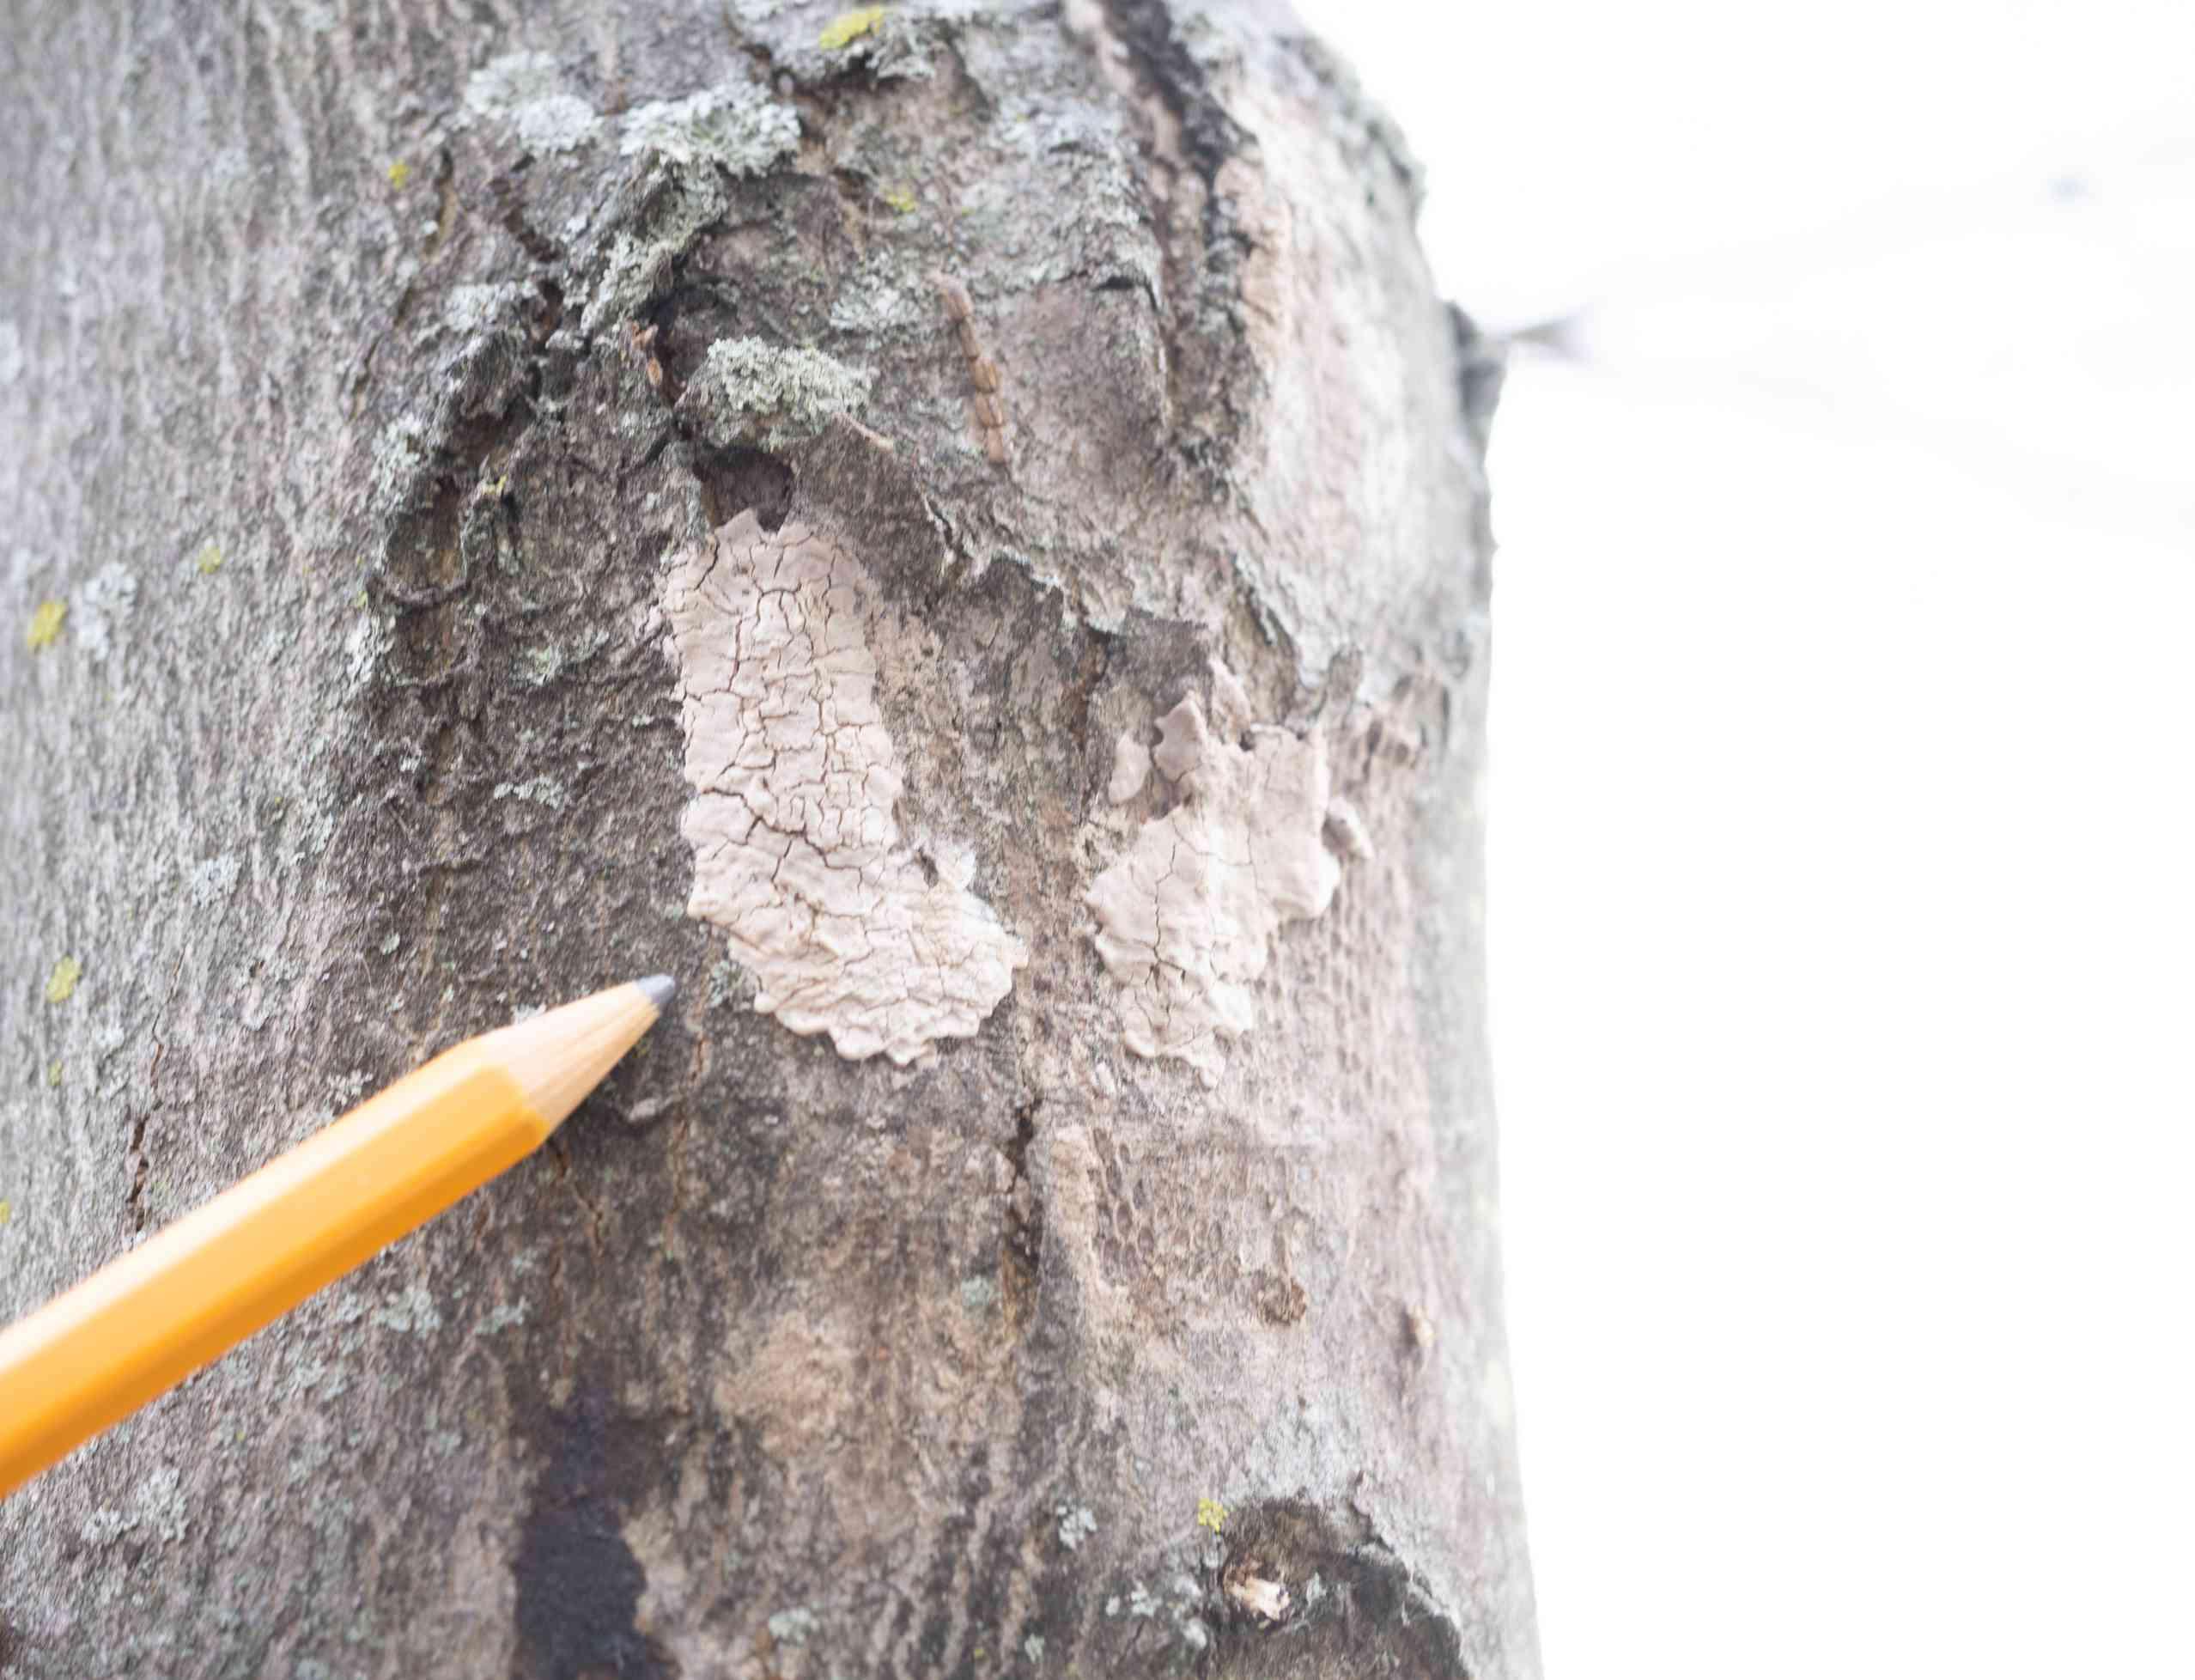 spotted lanternfliy egg mass blends into tree bark